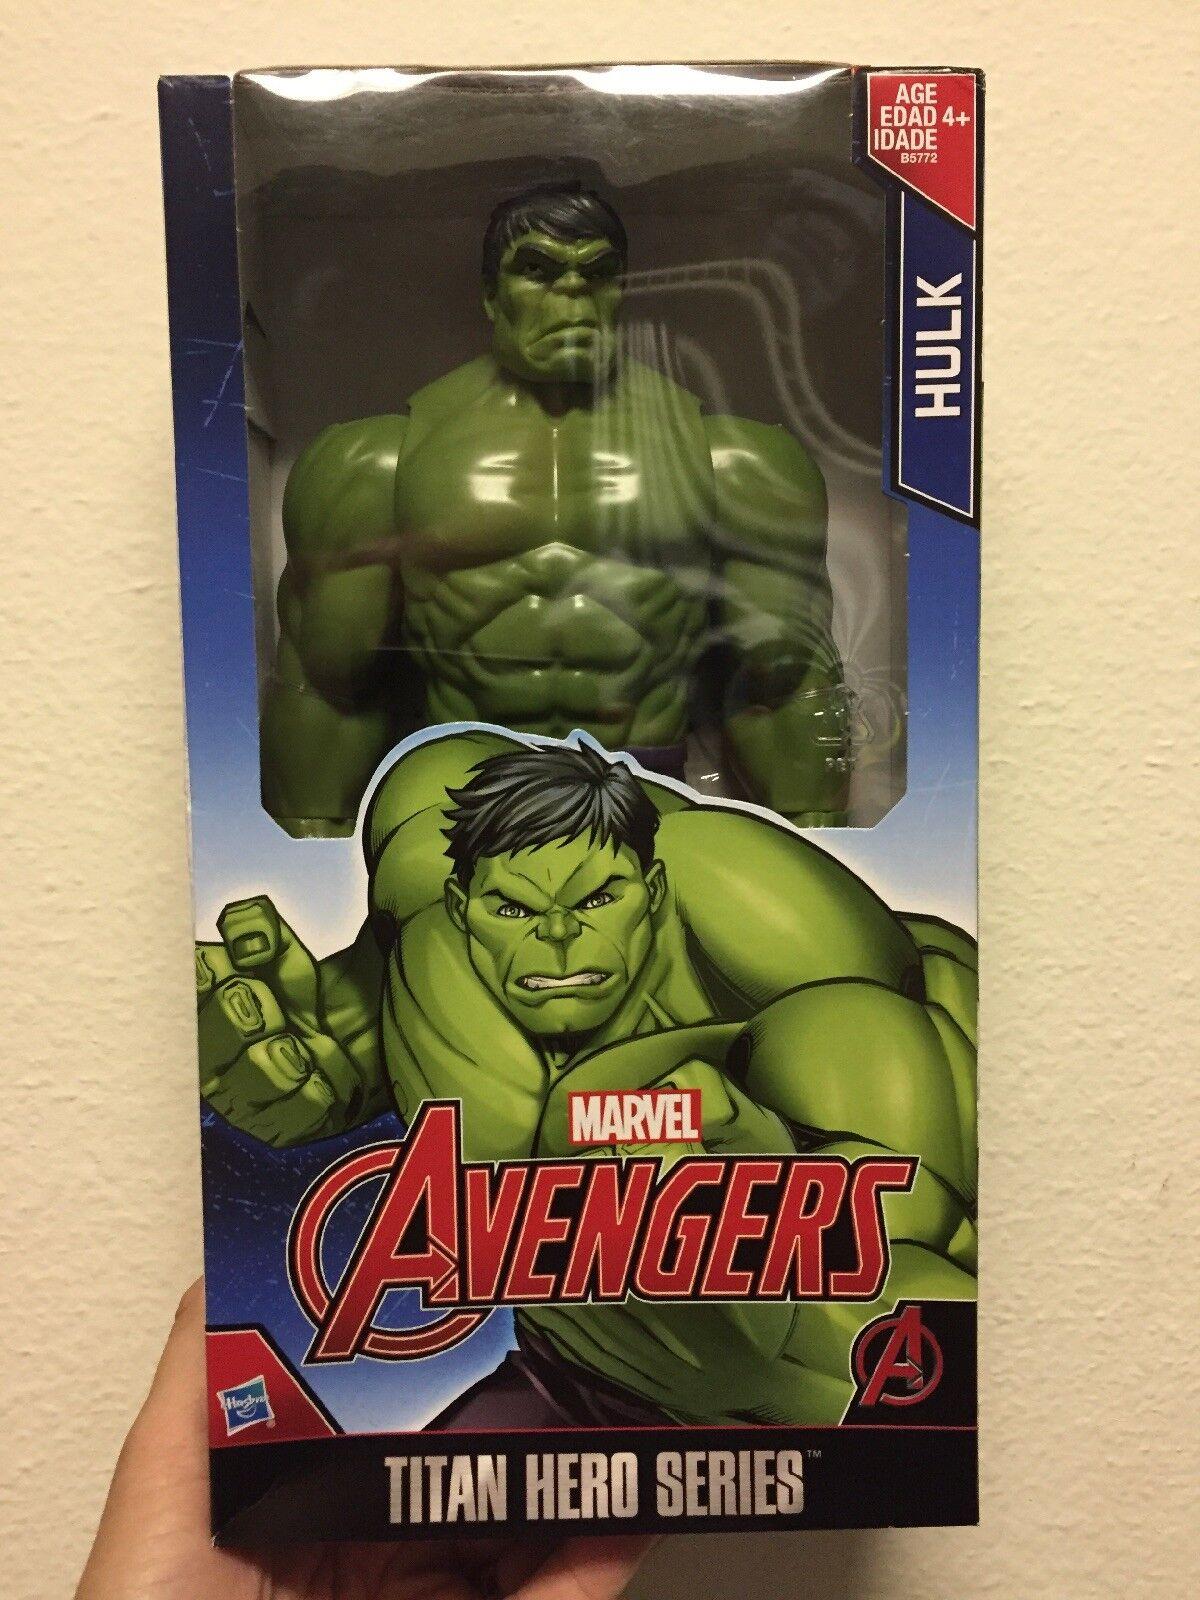 Marvel avengers titan held serie hulk, 12 - zoll - action - figur, den hulk